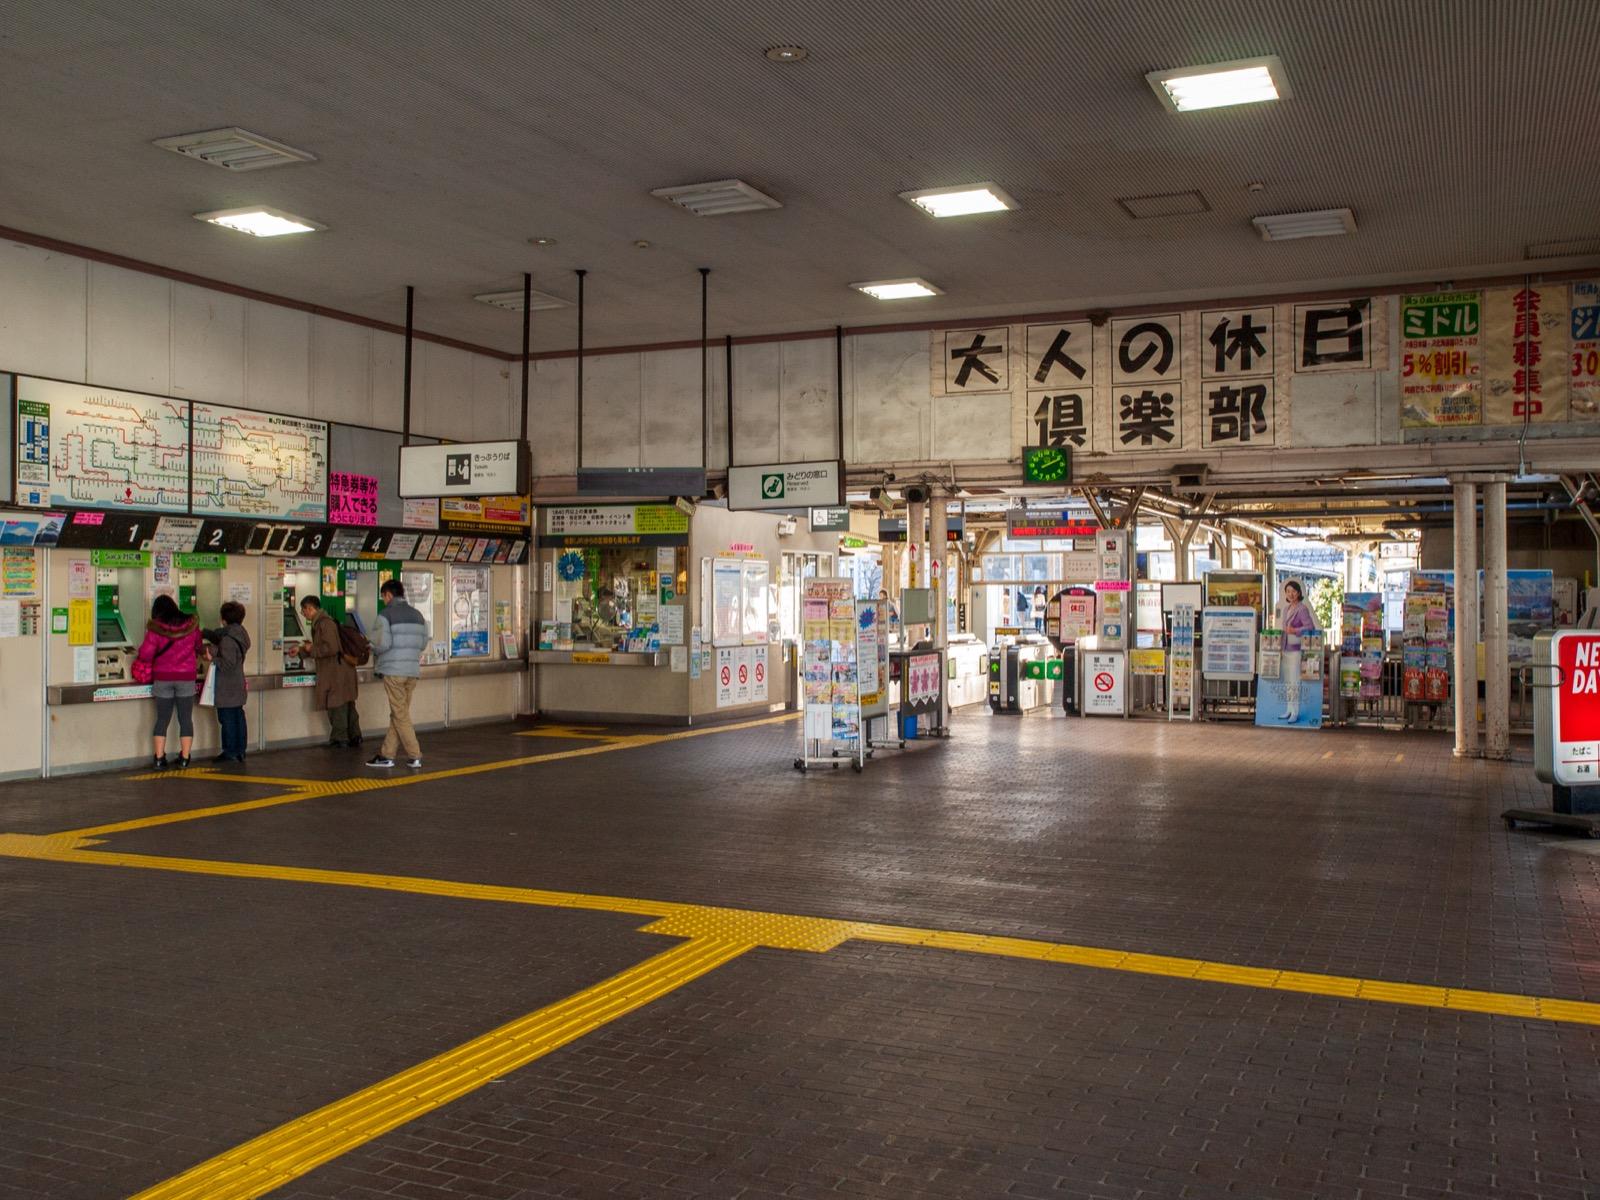 横須賀駅の改札口(2015年1月)